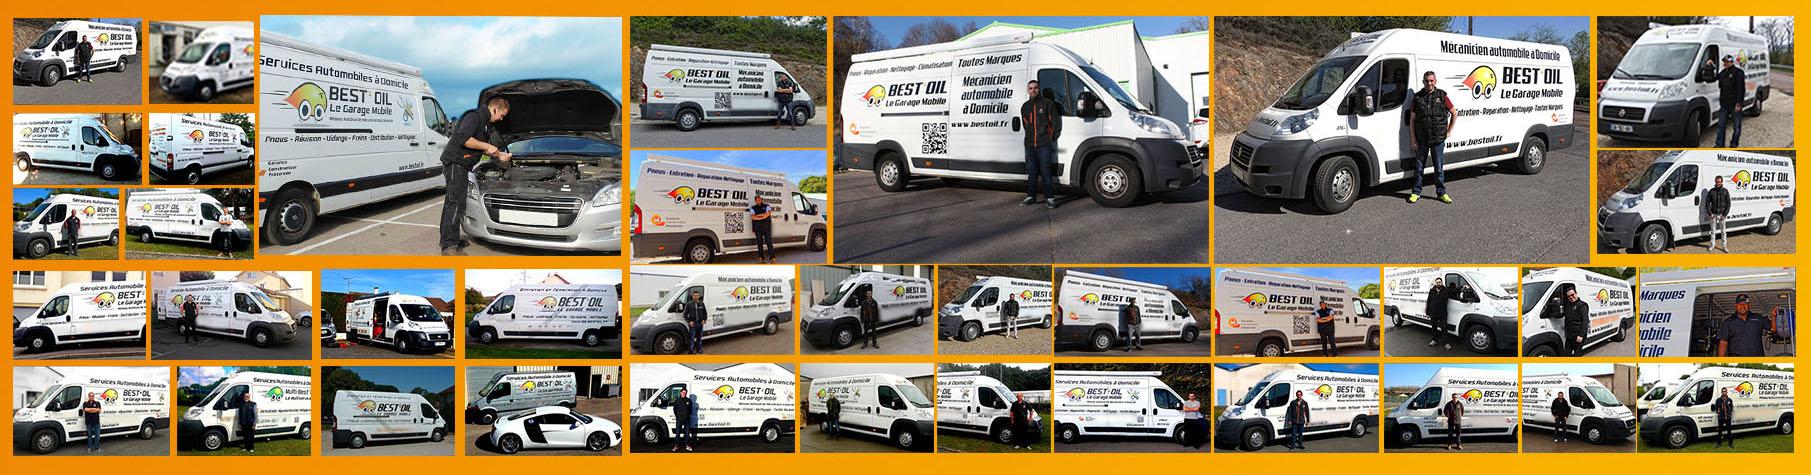 reparation-auto-a-domicile-mecanique-a-domicile-mecanicien-auto-a-domicile-entretien-auto-a-domicile